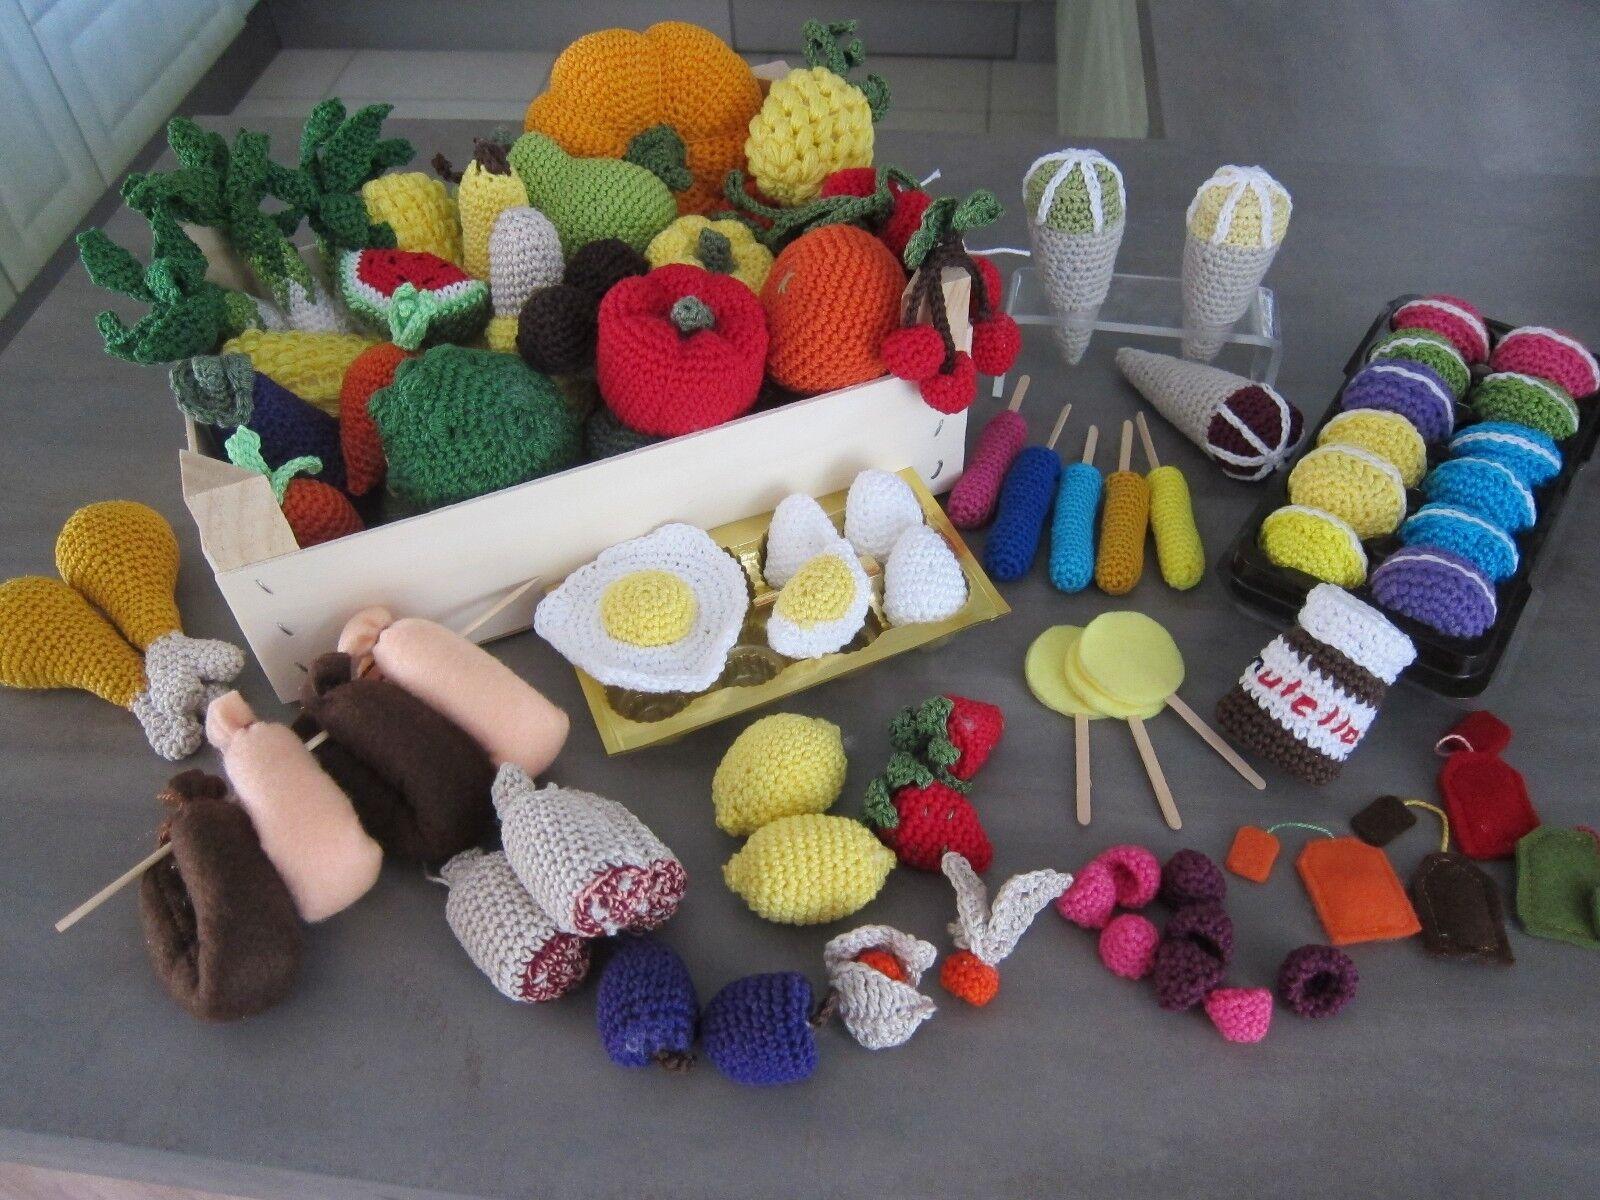 AKTION ---  gespart  56 tlg  Kaufmannsladen Kaufladen Kaufladen Kaufladen Kinderküche gehäkelt 4c8234